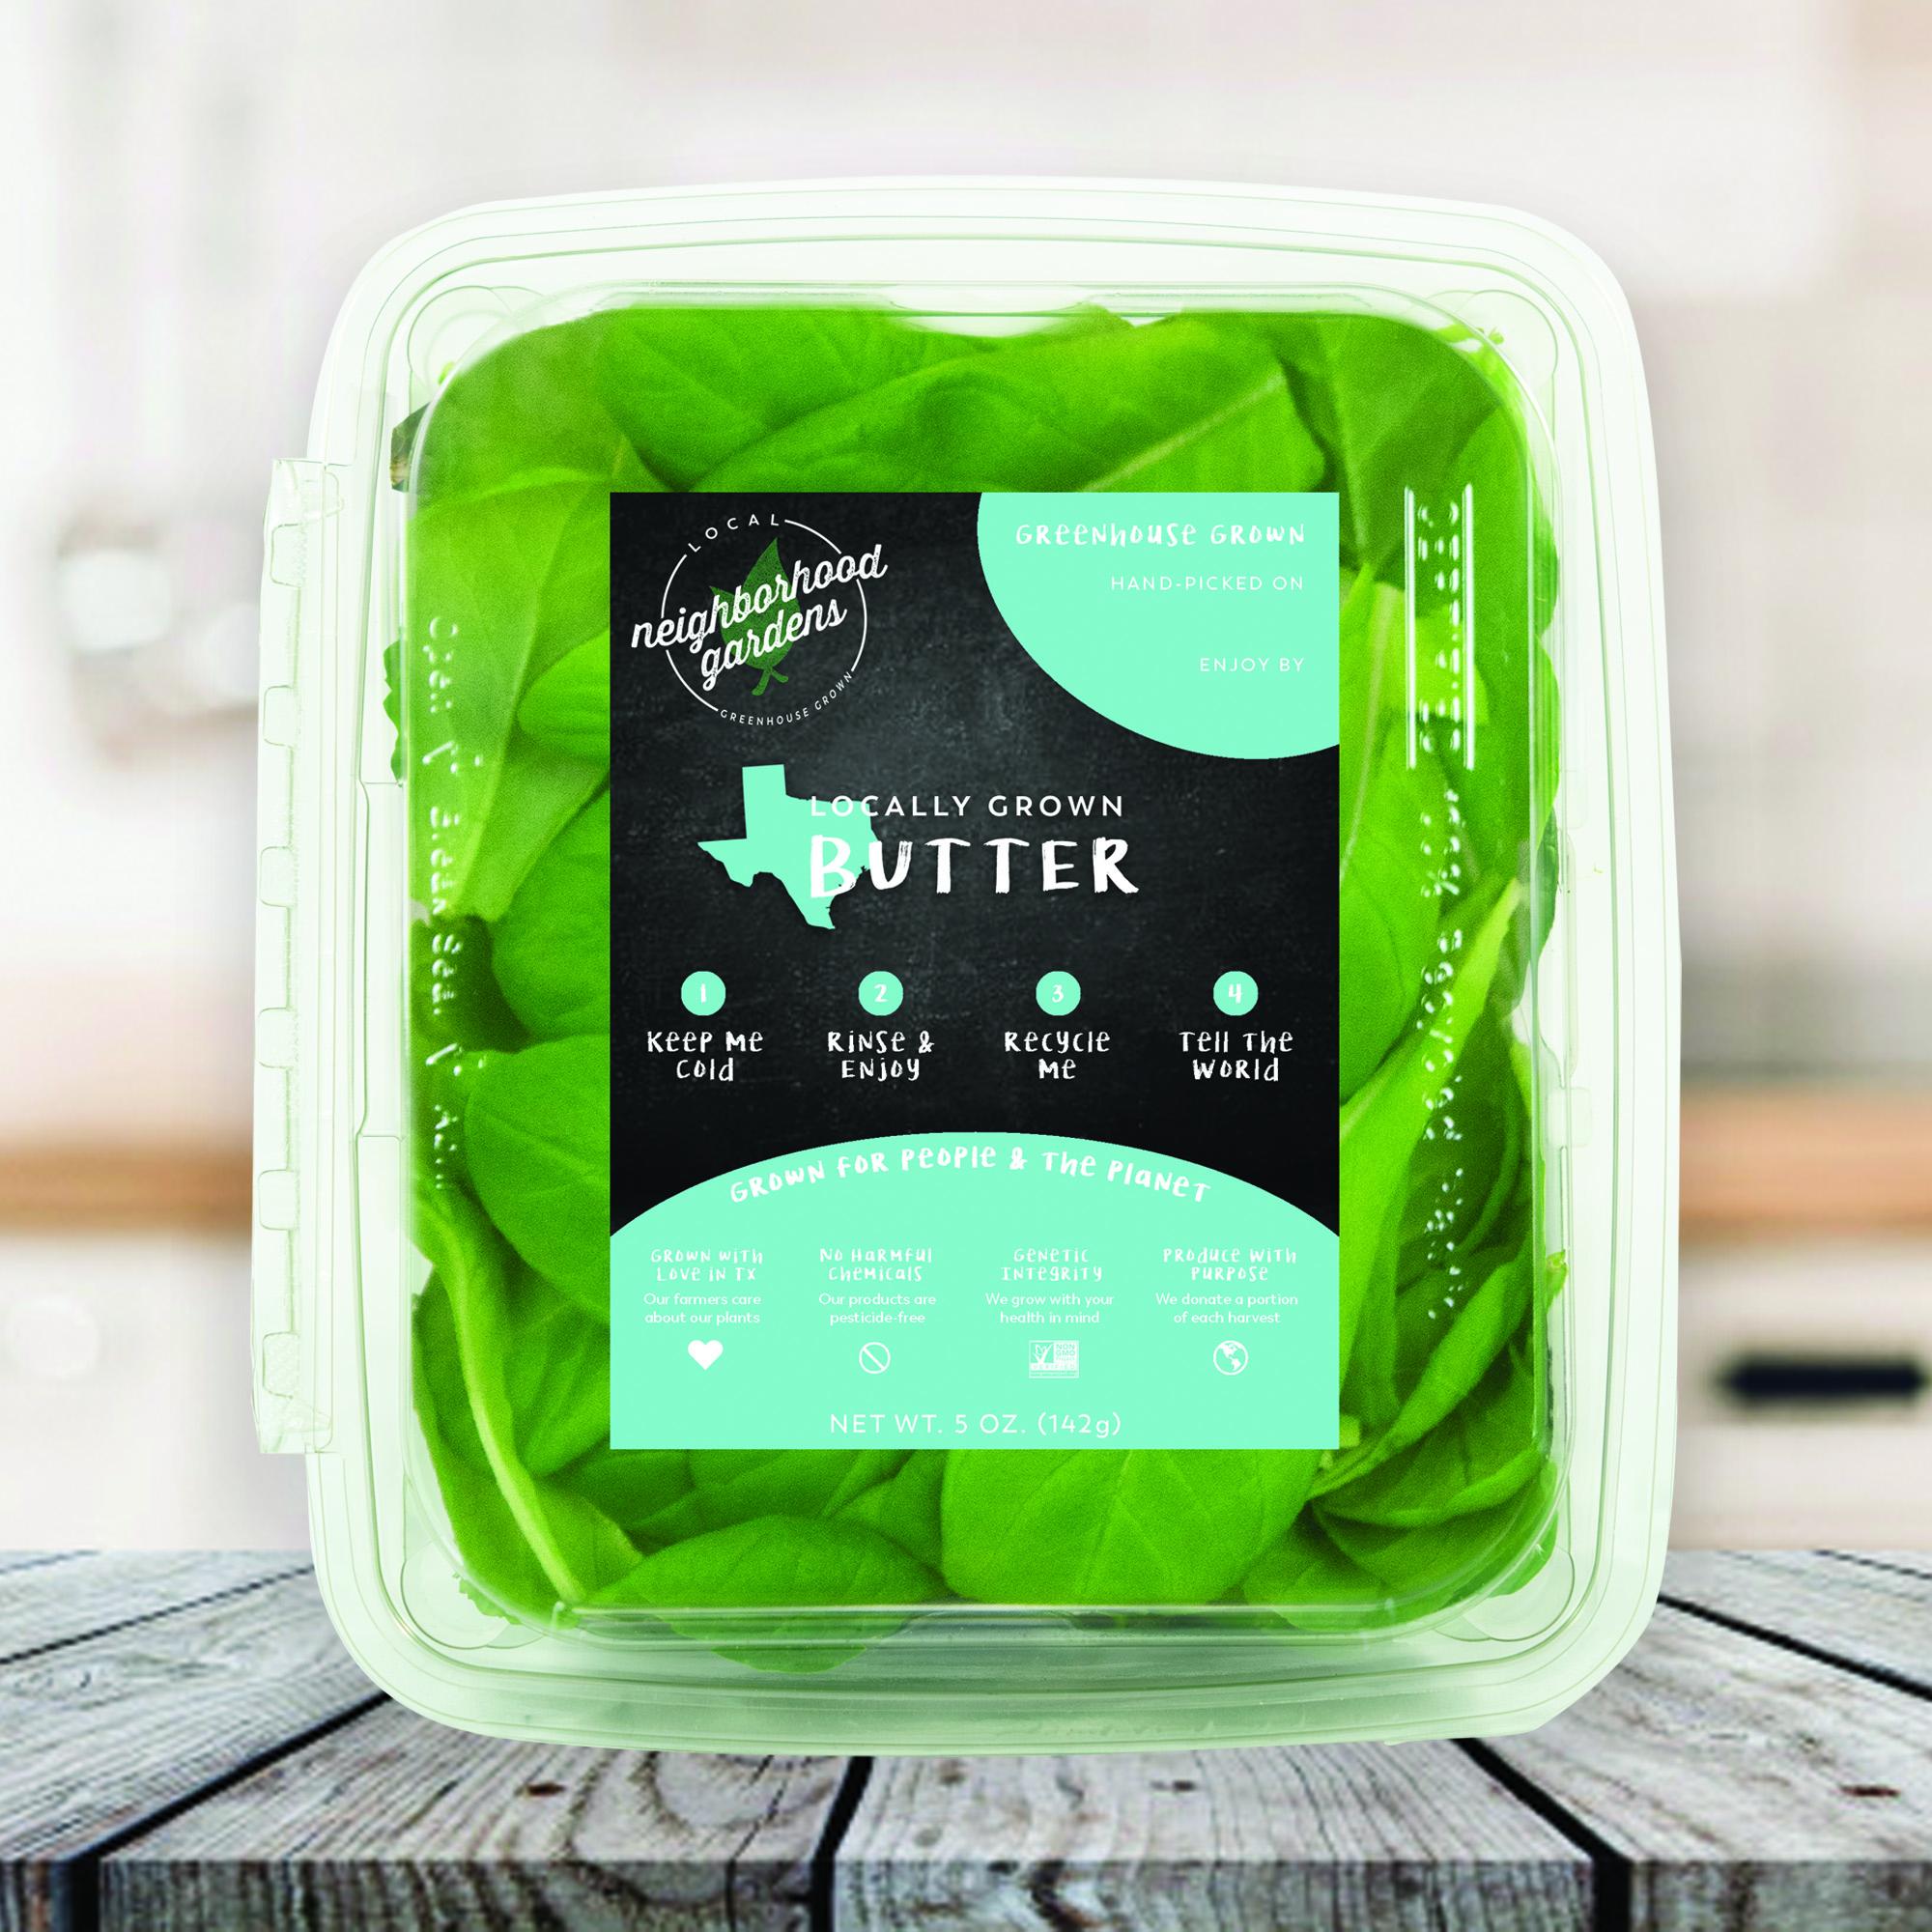 butter promo 3.jpg